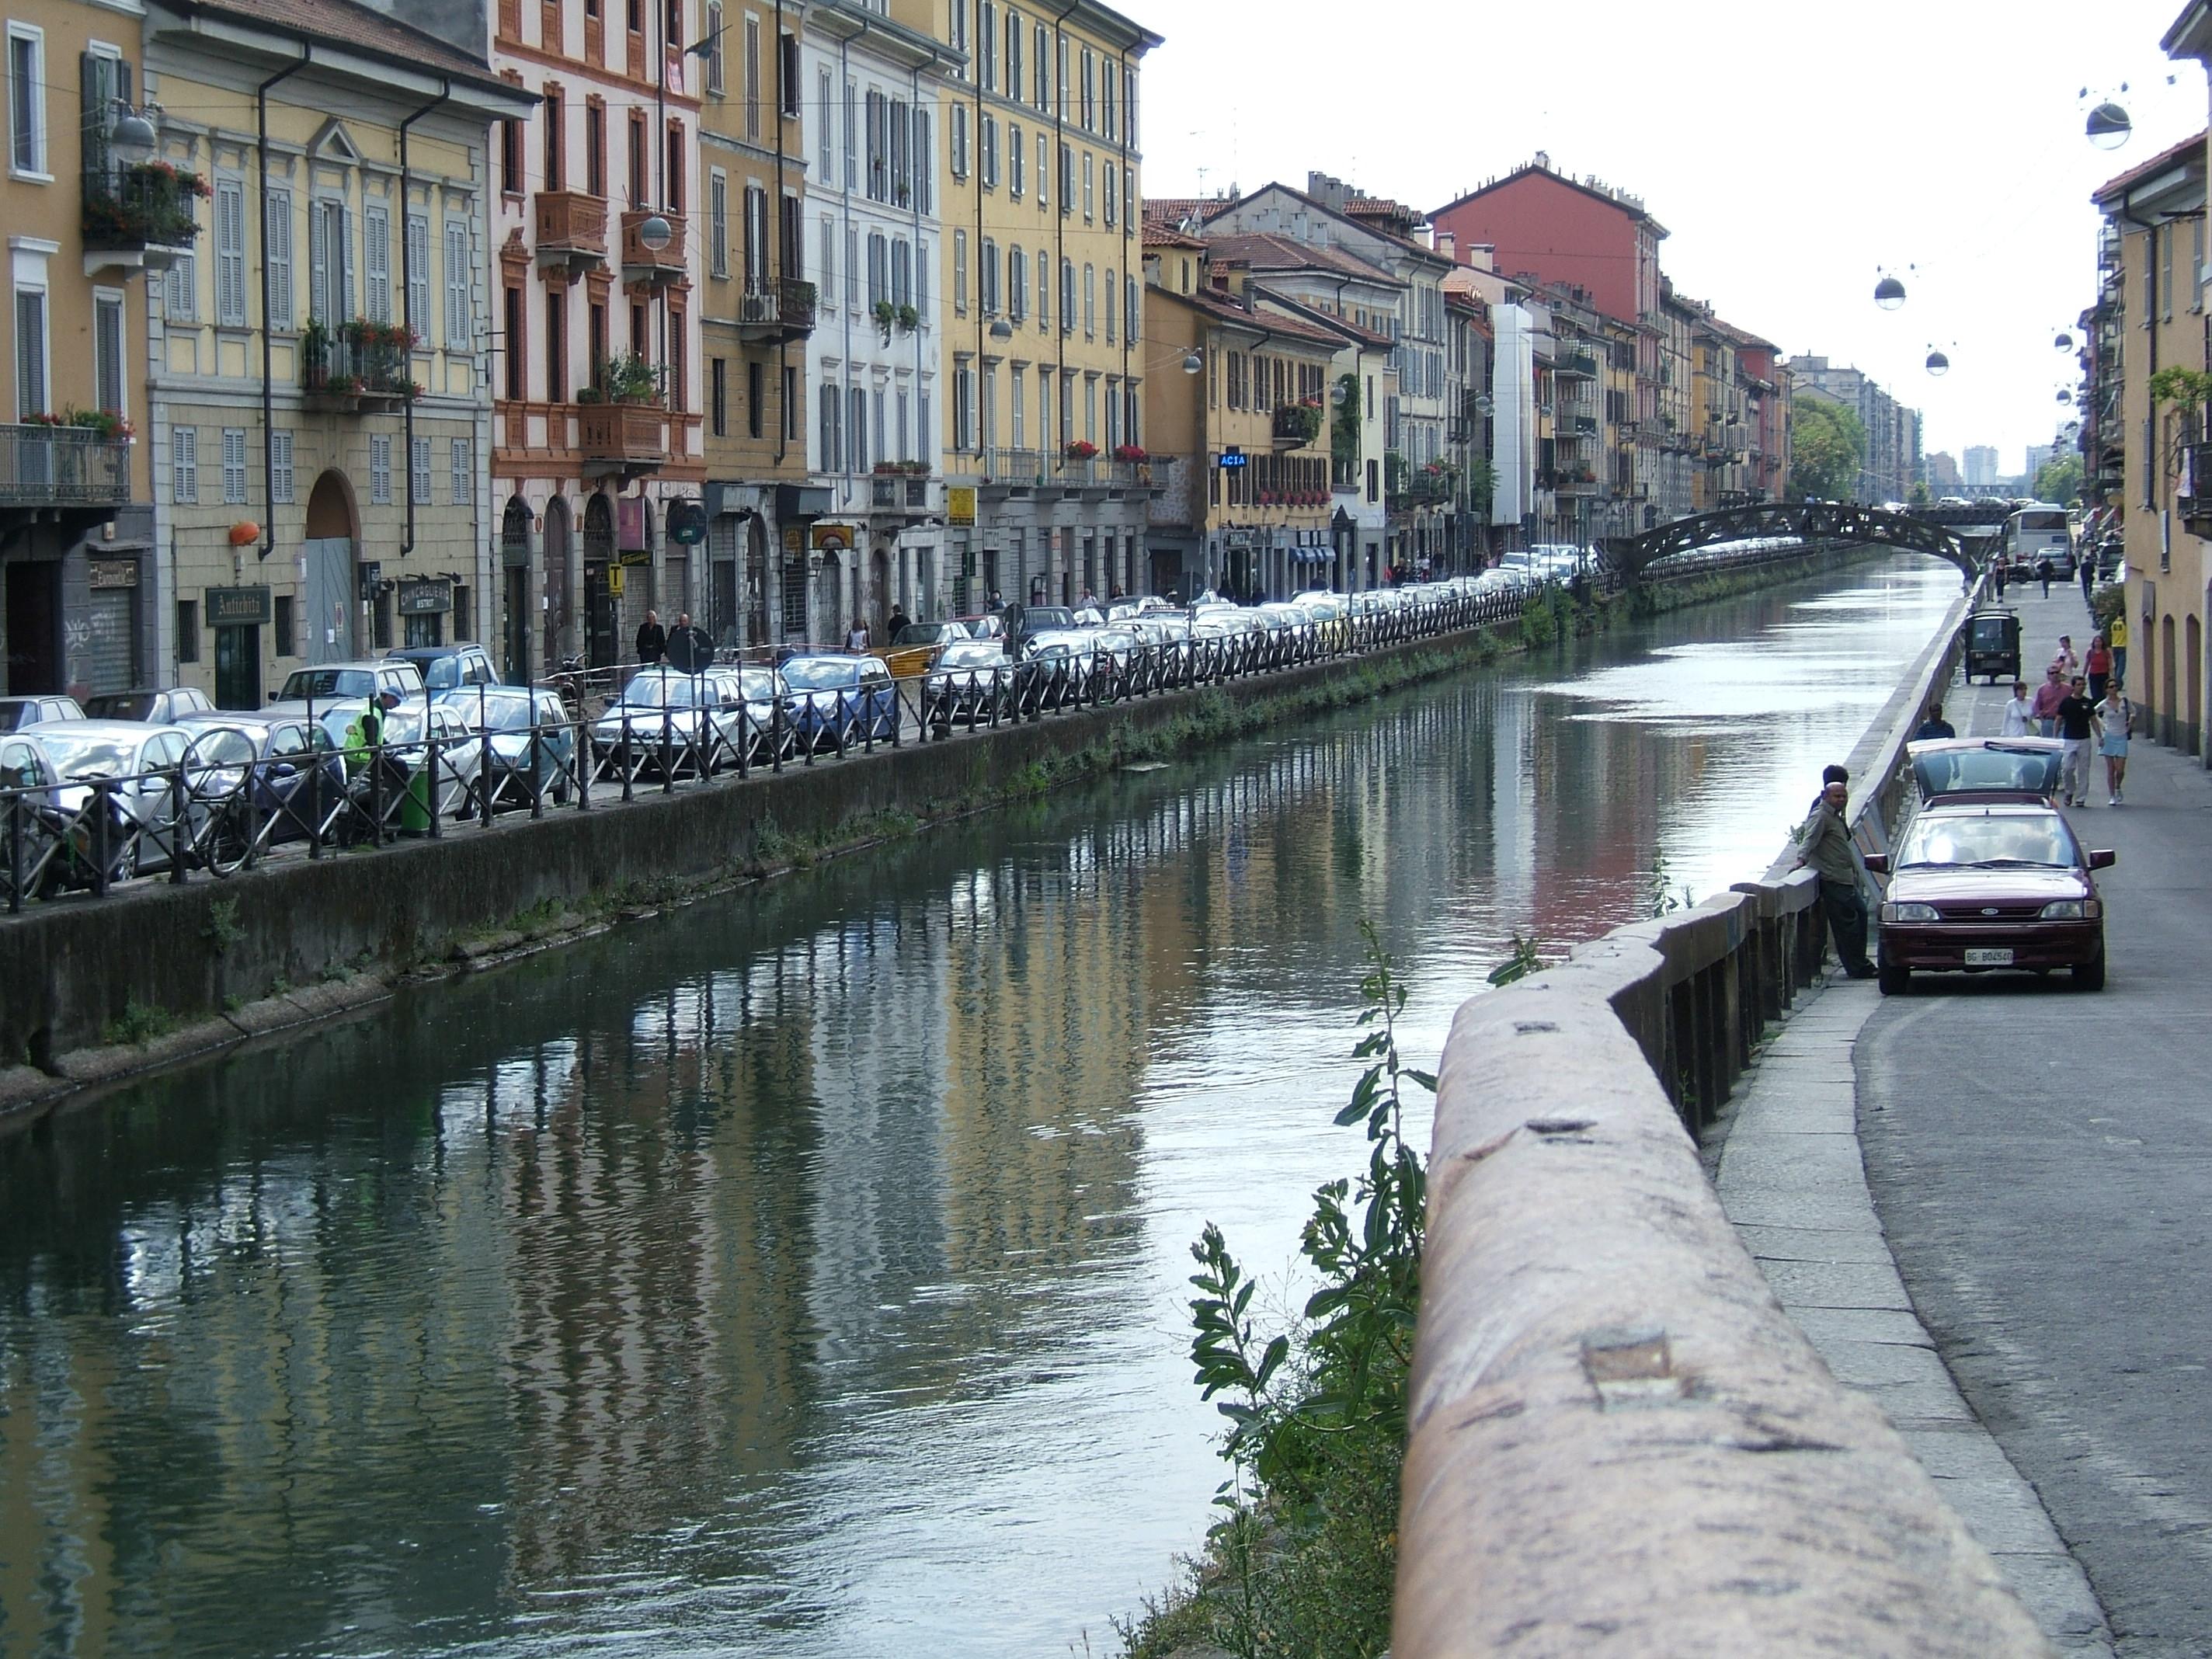 Immobili abbandonati sui Navigli a Milano